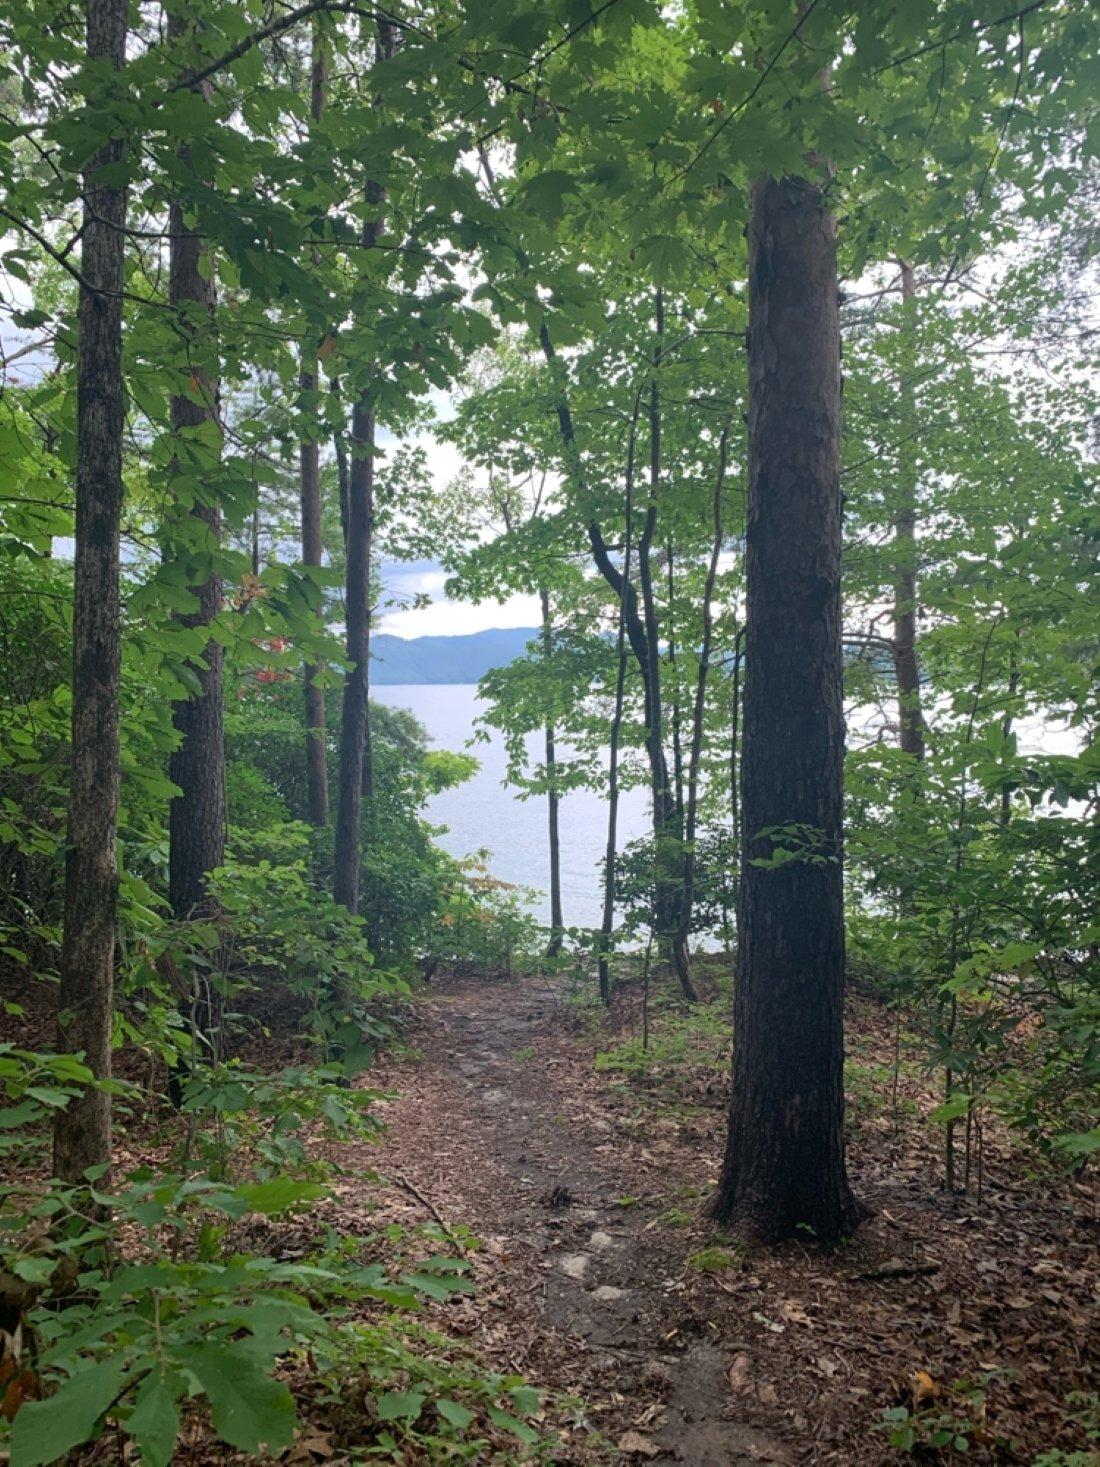 walking path at a South Carolina RV campground